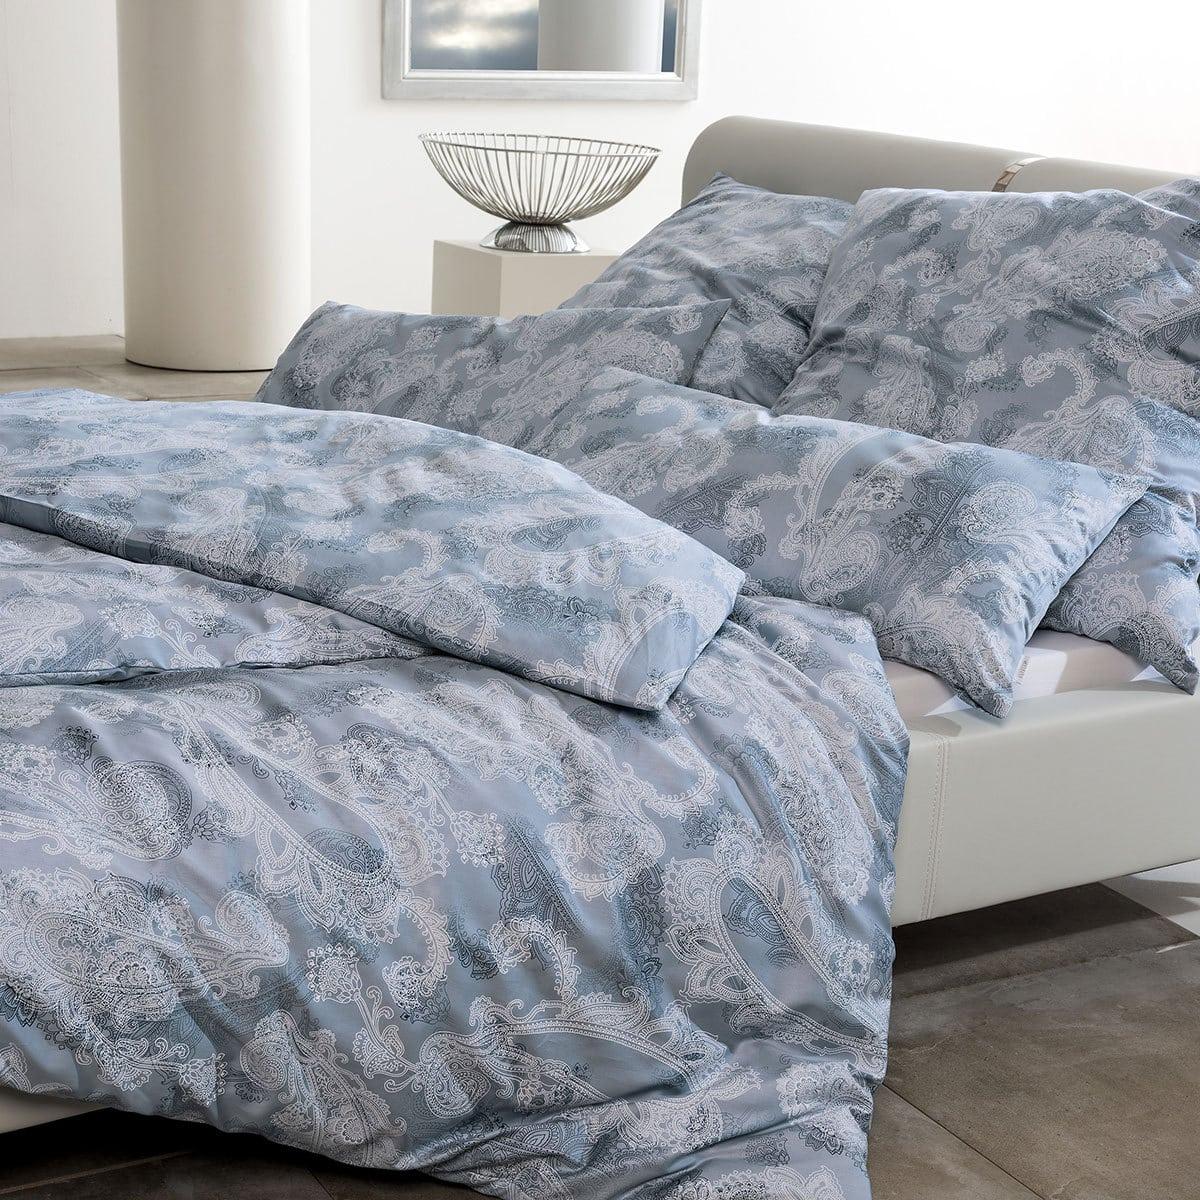 ergebnisse zu premium taubenperlen aus. Black Bedroom Furniture Sets. Home Design Ideas